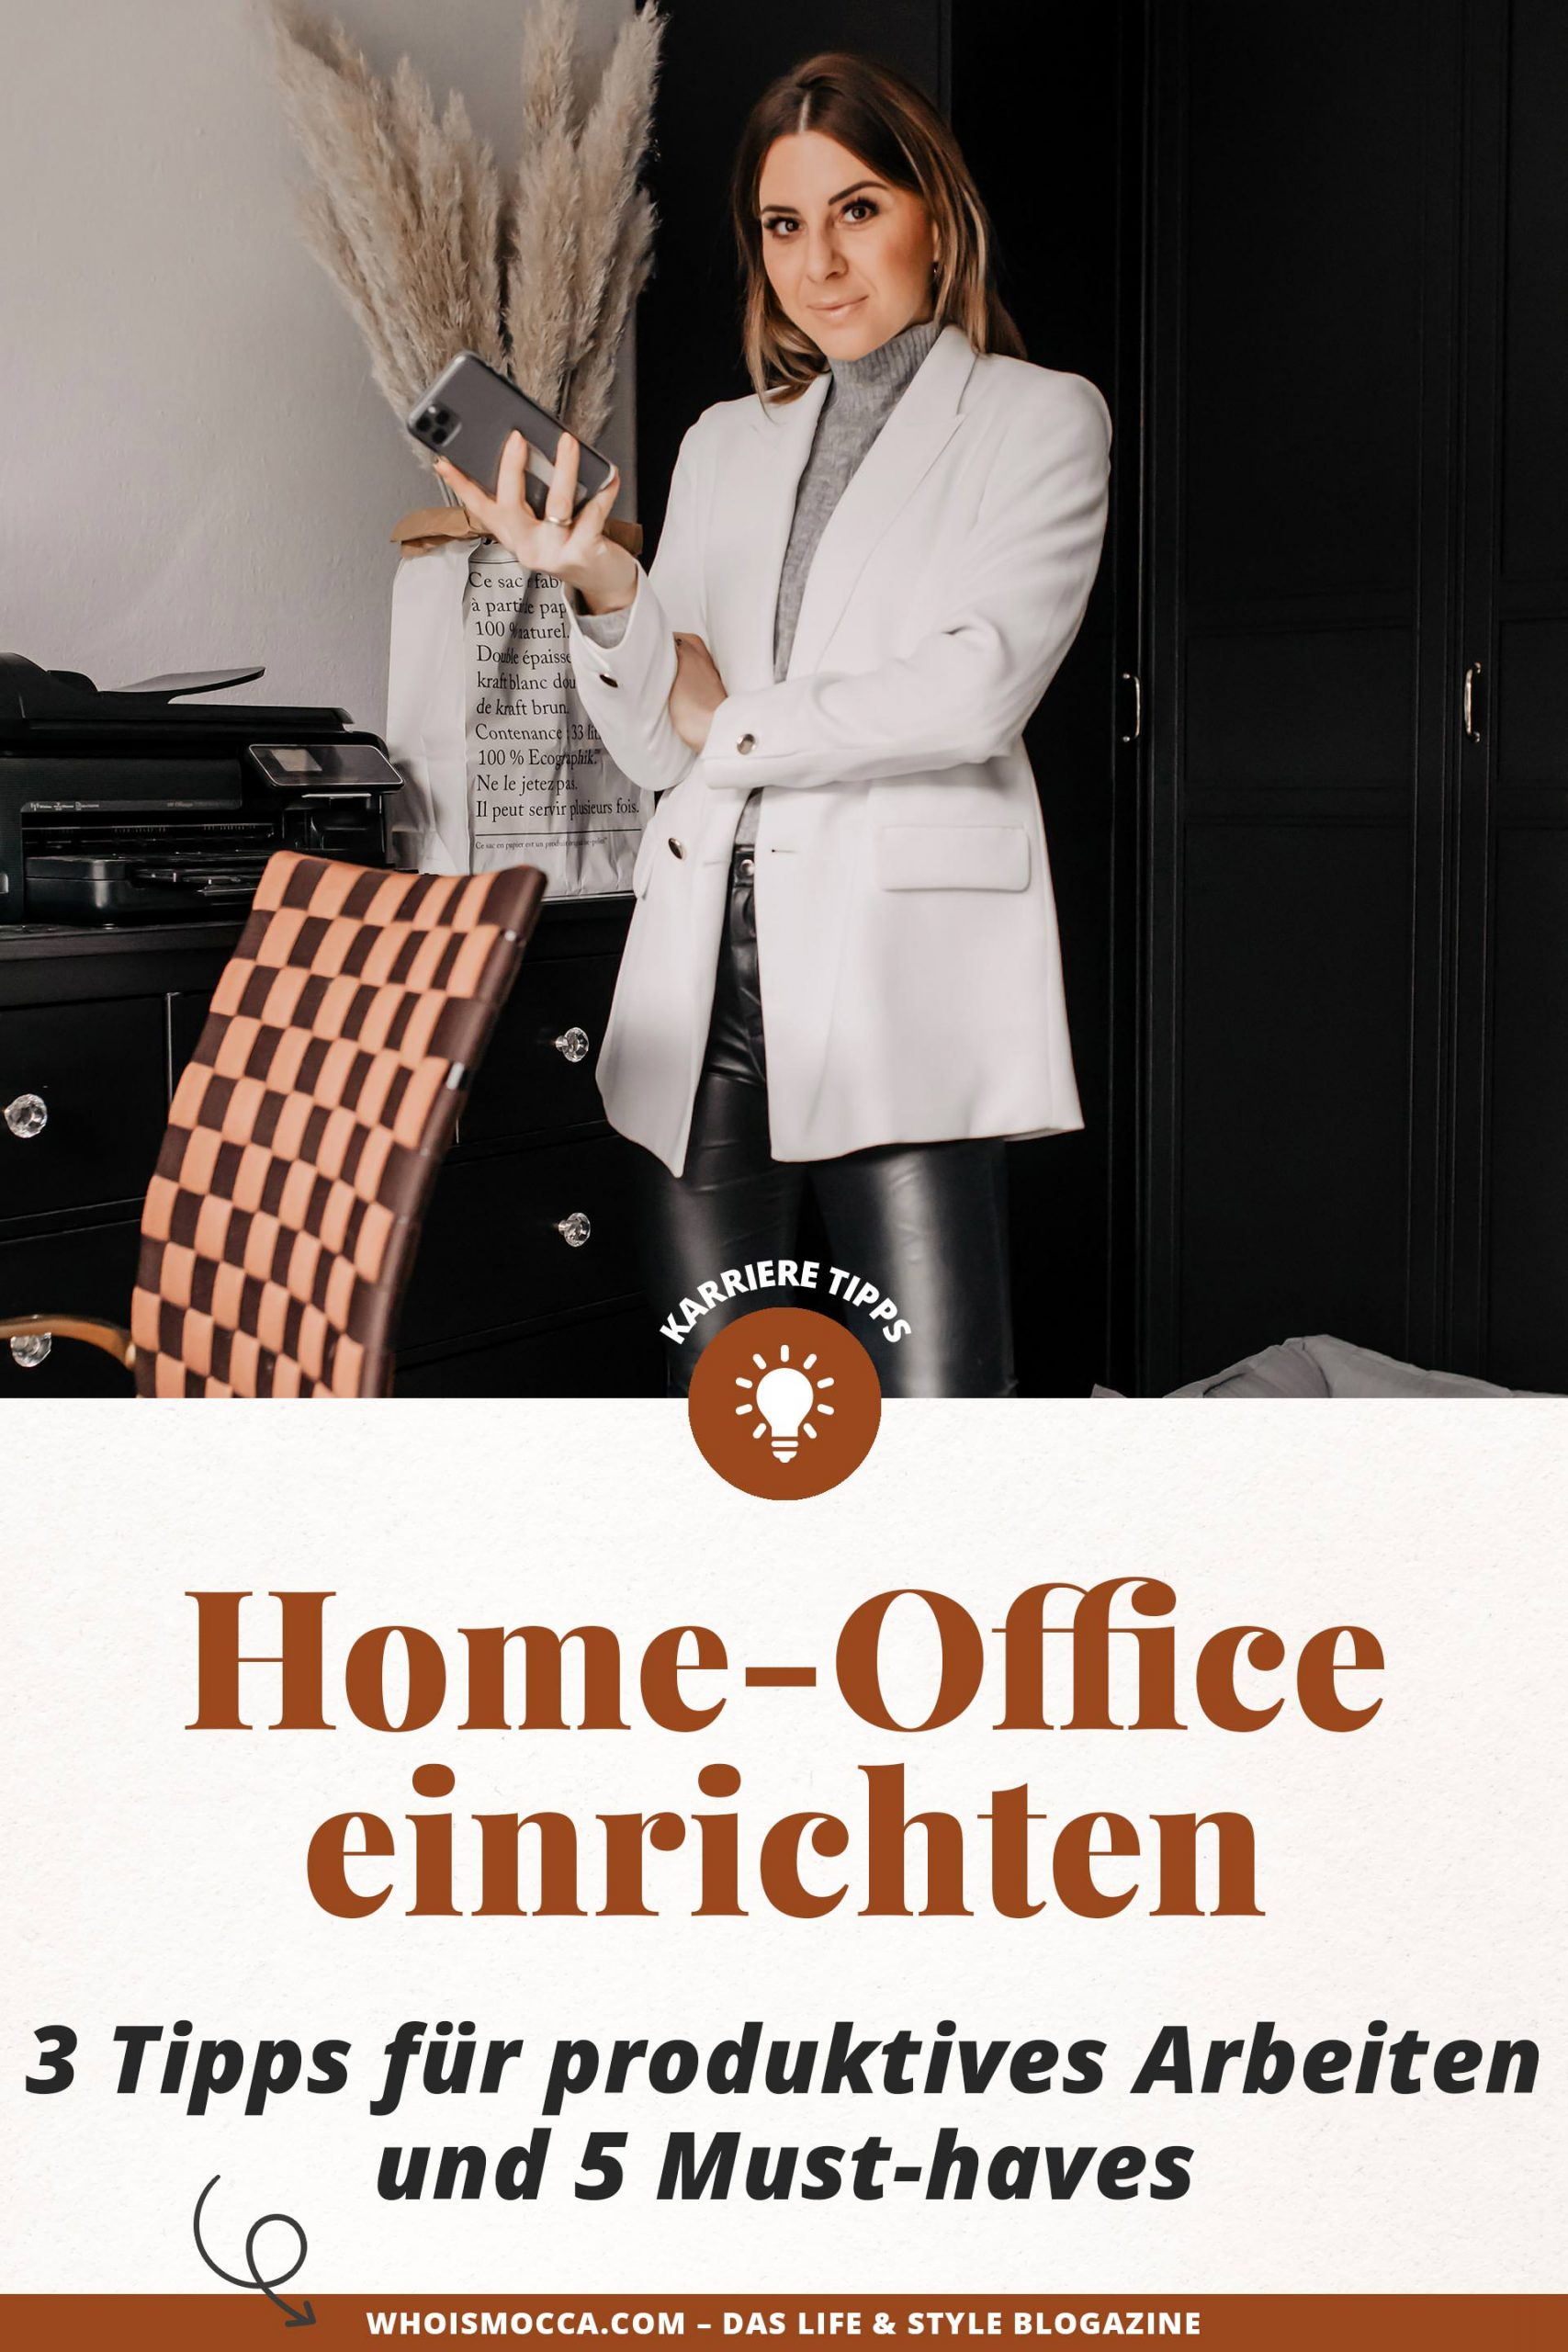 Home-Office einrichten leicht gemacht! Ich habe 3 Tipps für produktives Arbeiten und 5 Must-haves für einen organisierten Arbeitsplatz für die am Interior und Karriere Blog gesammelt. www.whoismocca.com #homeoffice #arbeitsplatz #zuhausearbeiten #produktiv